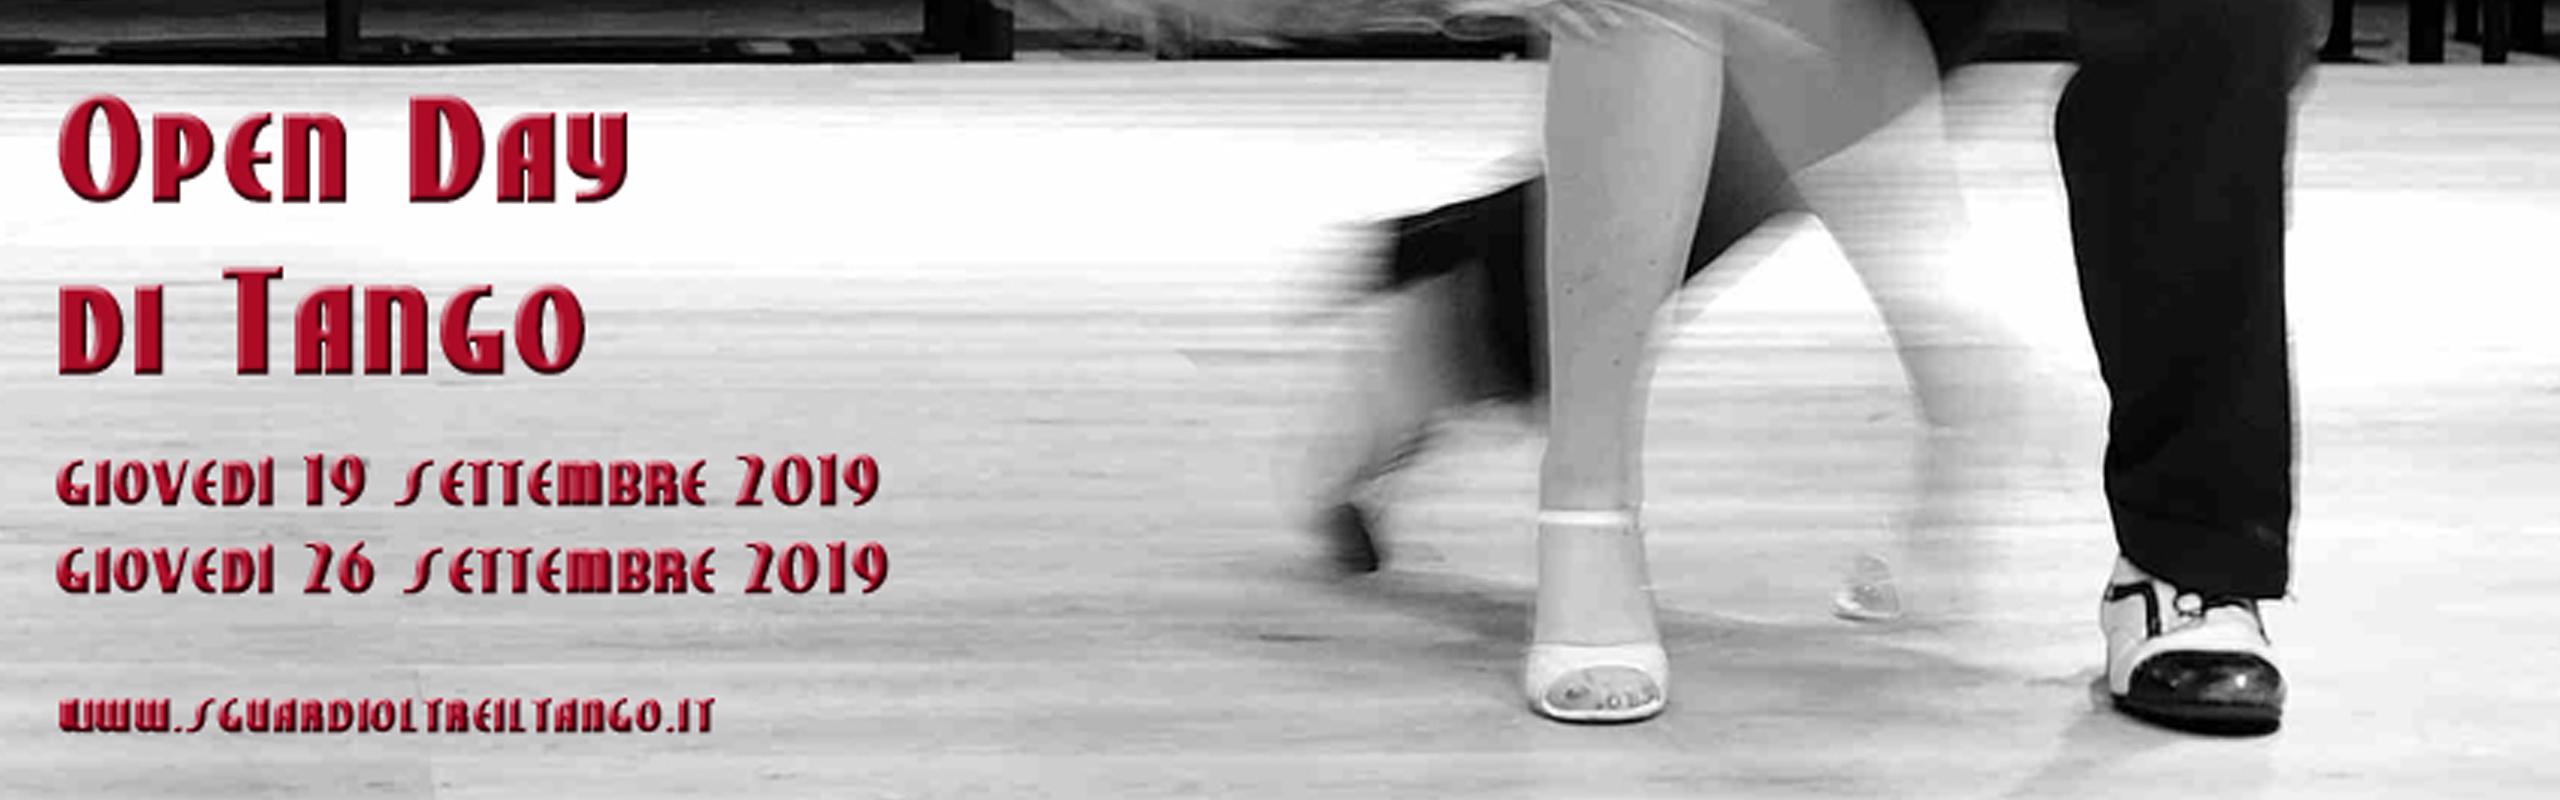 Sguardi oltre il tango - Scuola di tango a Bologna